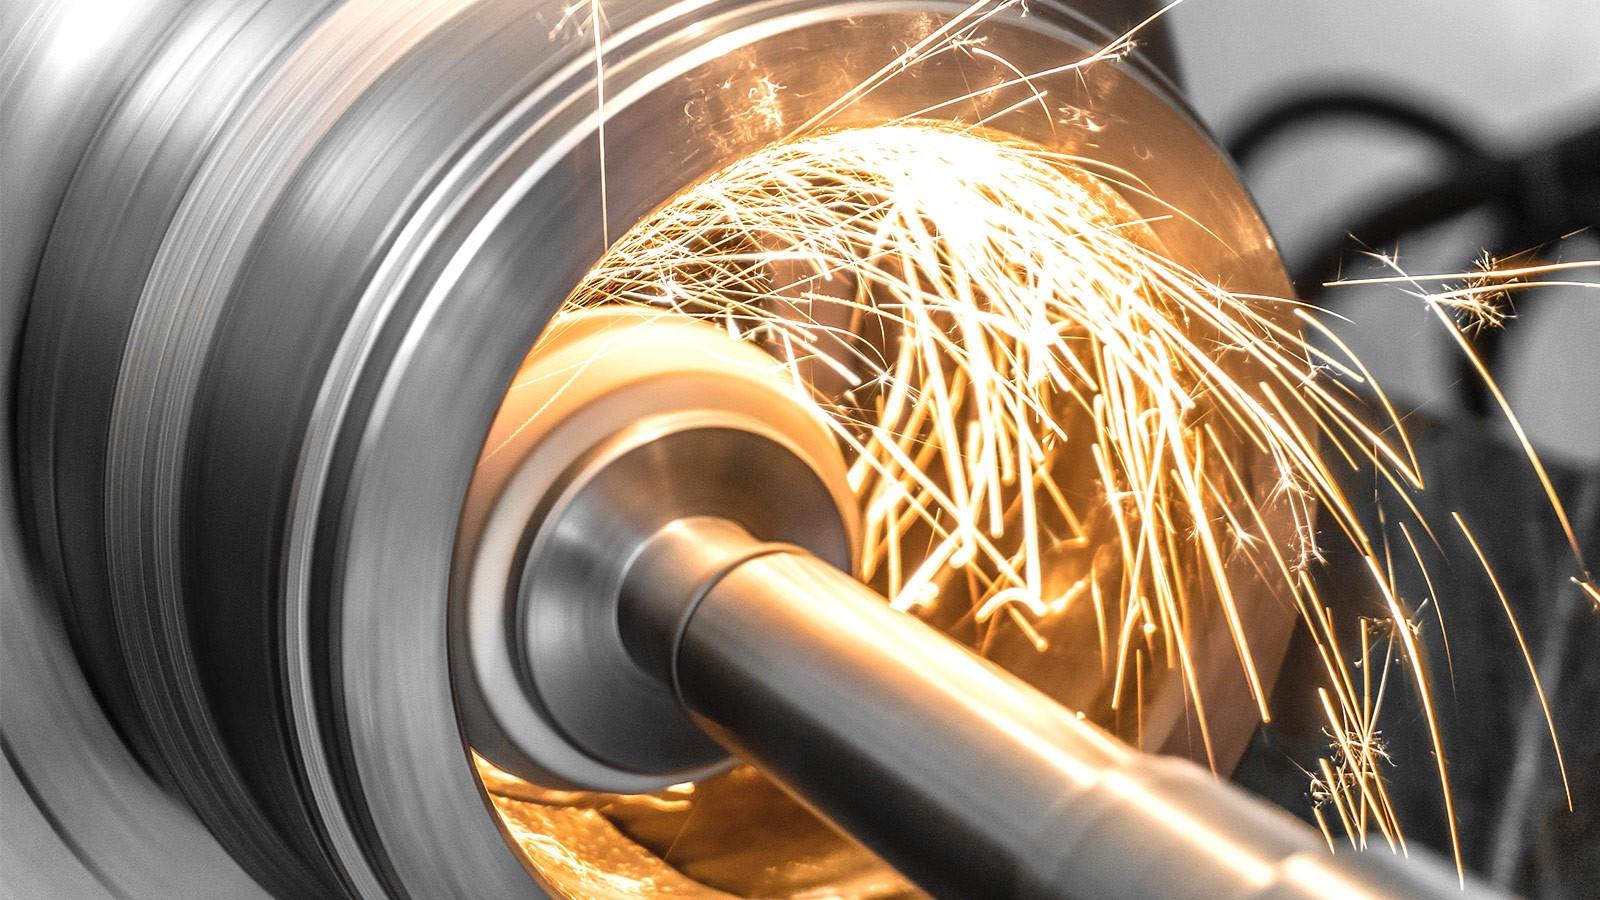 Maschinen- & Anlagenbau